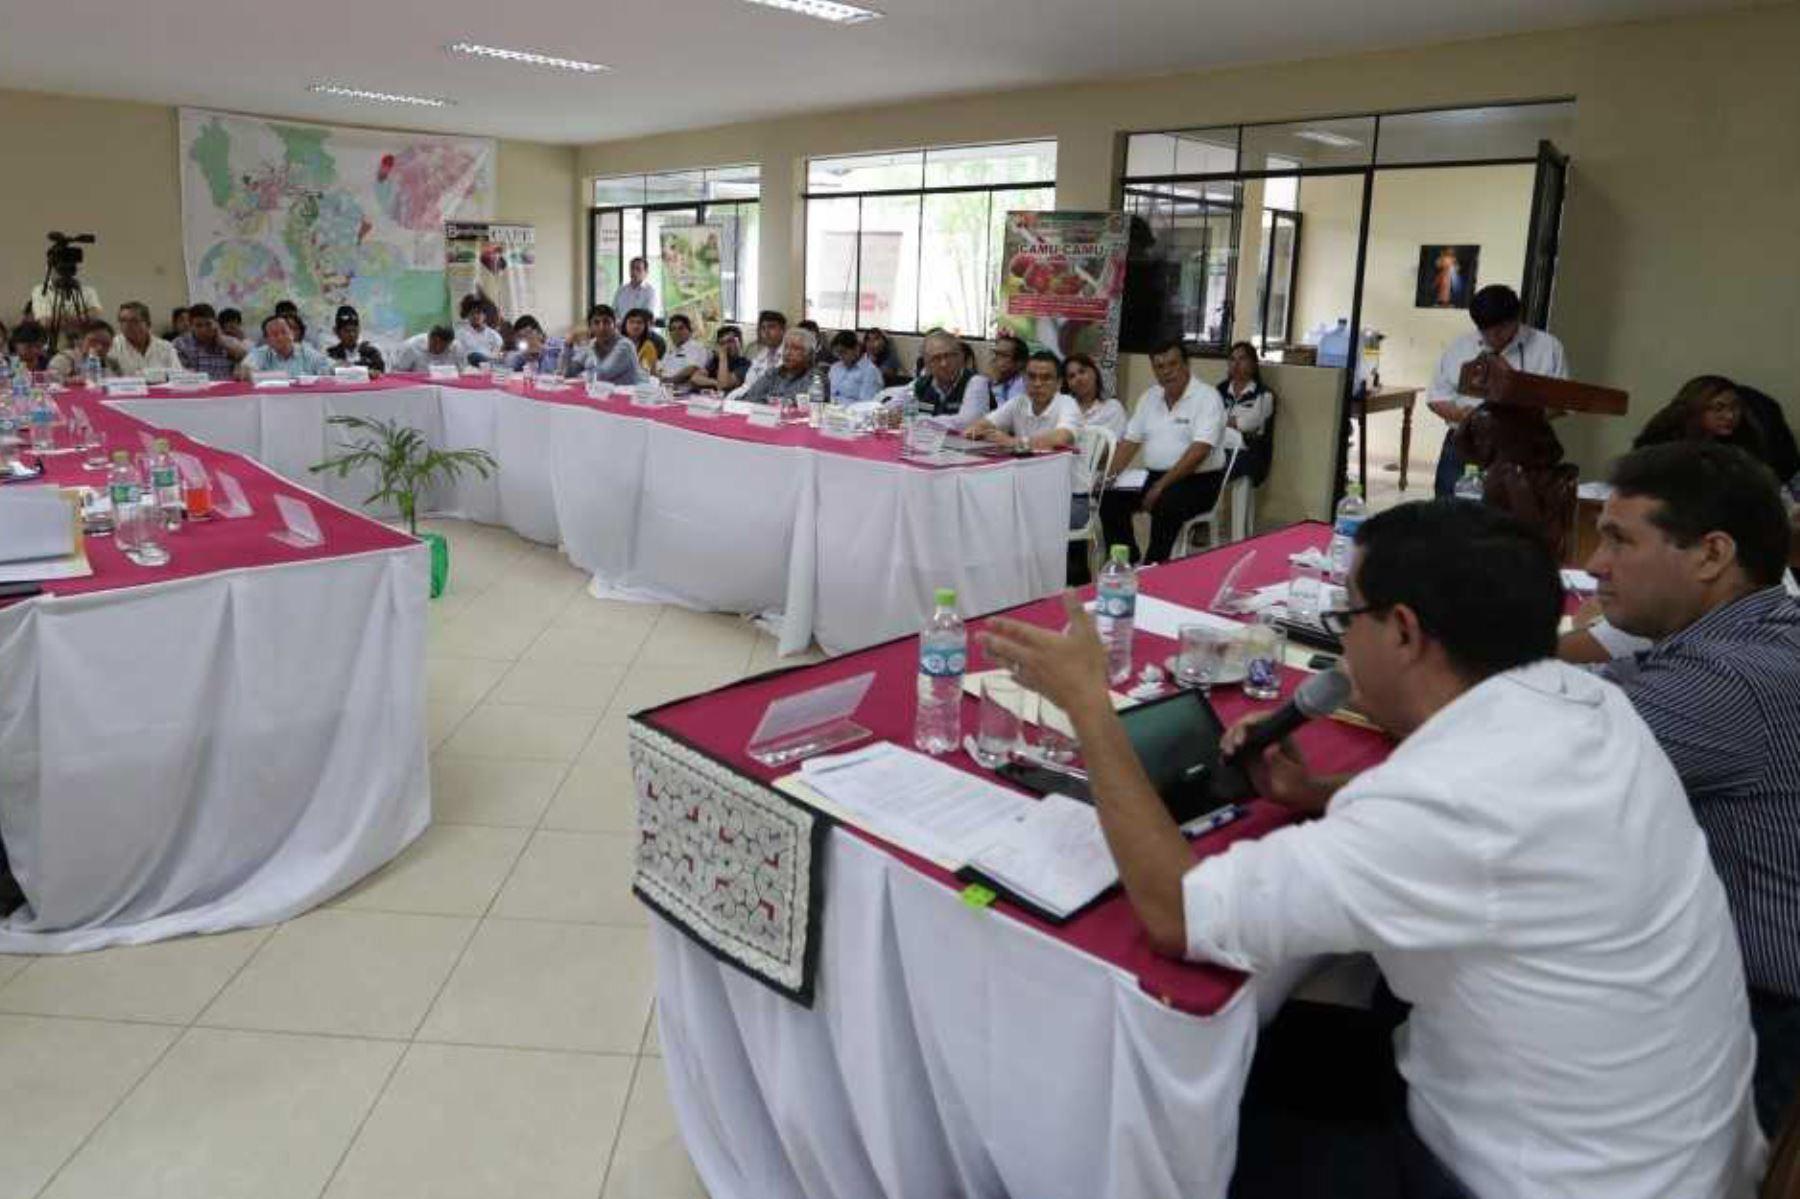 El viceministro de Construcción y Saneamiento, Juan Tarazona Minaya, presidió el cierre de la Mesa de Trabajo para el Desarrollo del Departamento de Ucayali, donde se constituyó el comité de seguimiento que se encargará de monitorear el cumplimiento de los compromisos pendientes asumidos por los sectores del Ejecutivo.